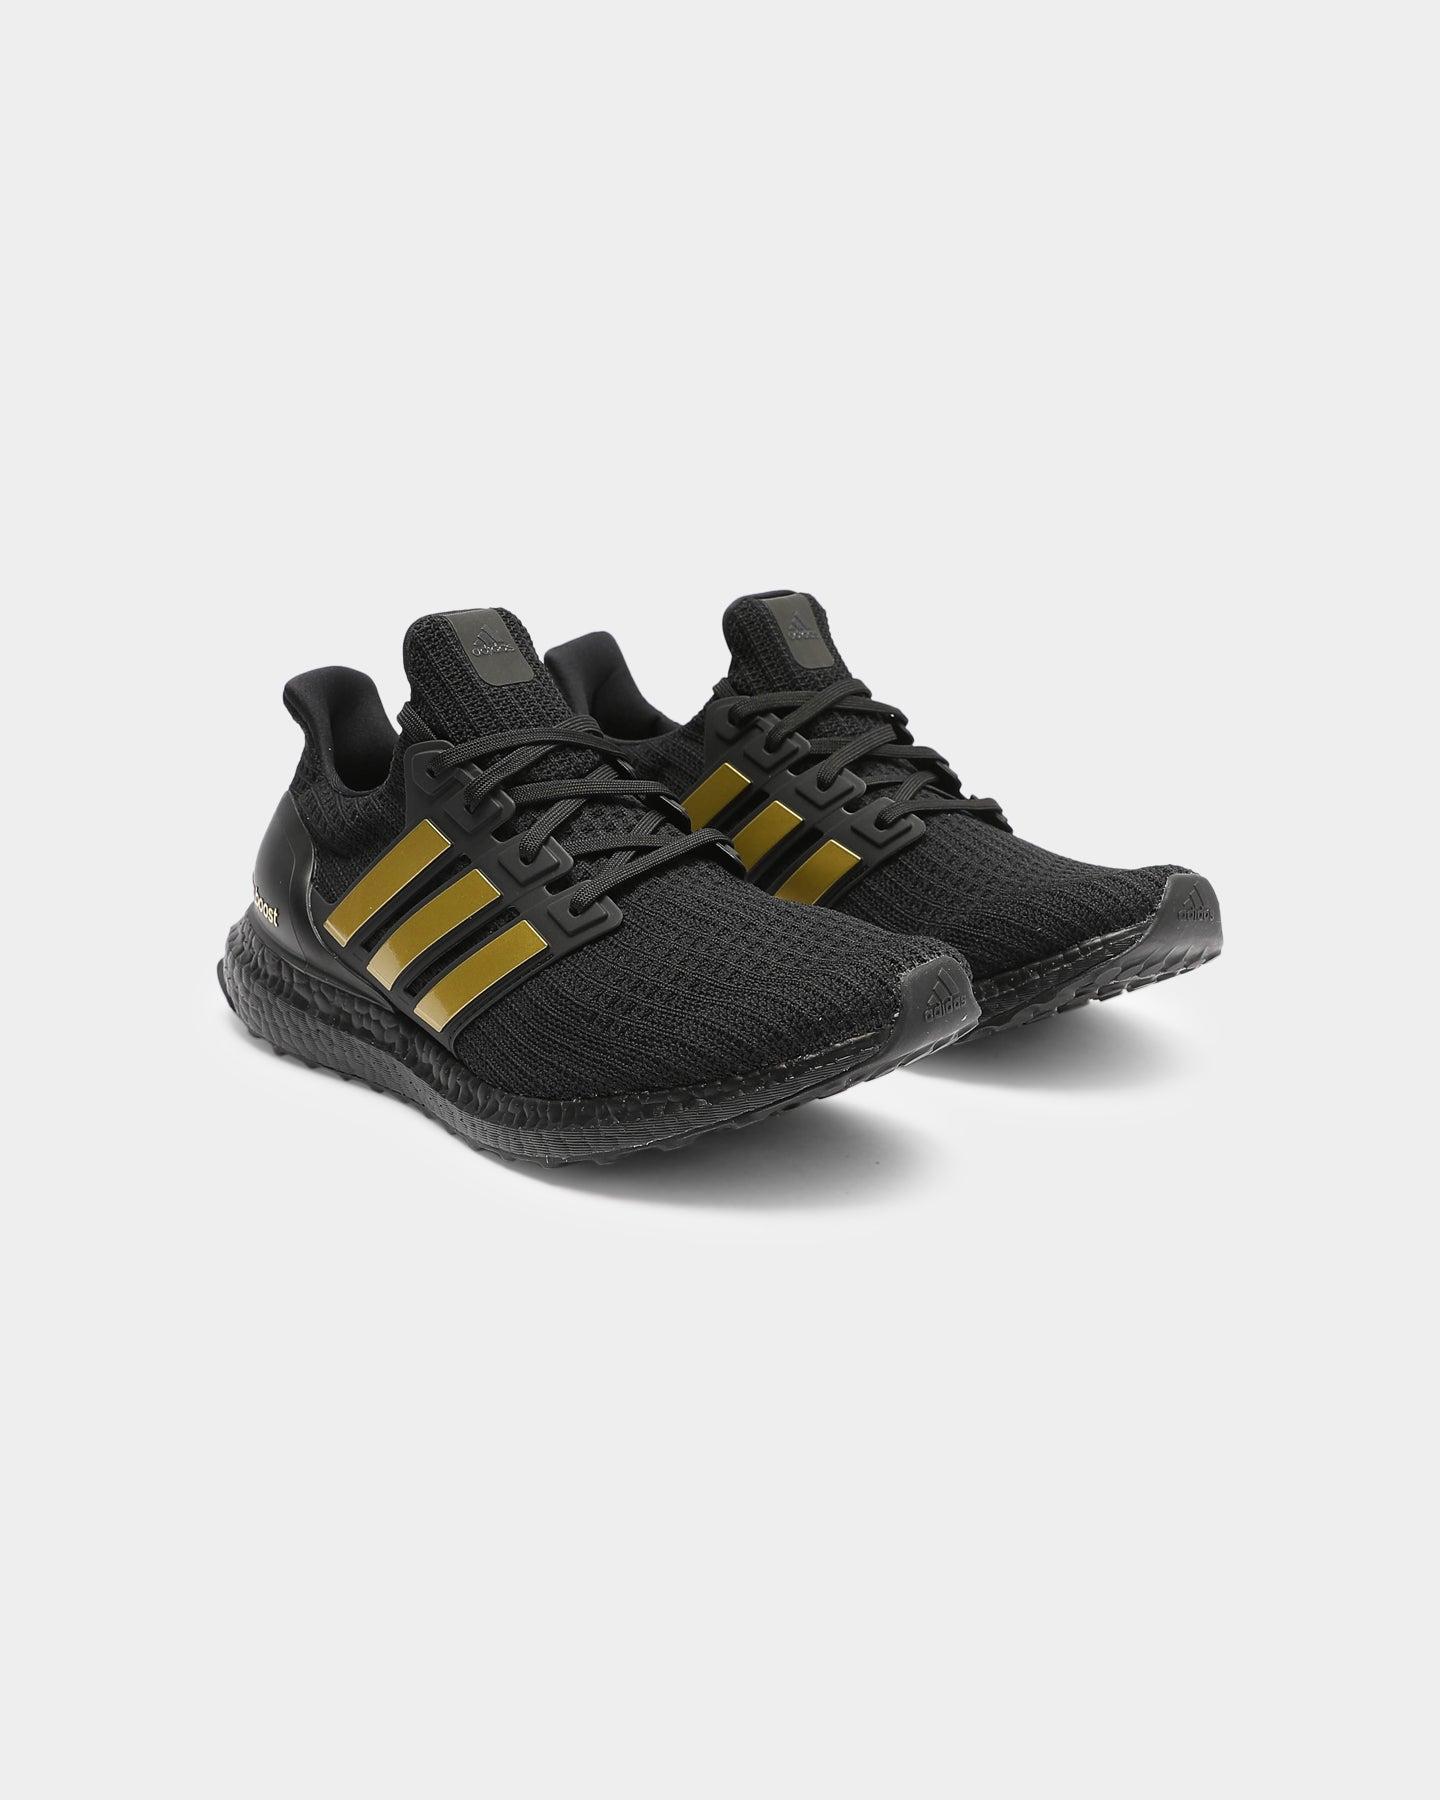 Adidas Men's Ultraboost 4.0 DNA BlackGoldBlack